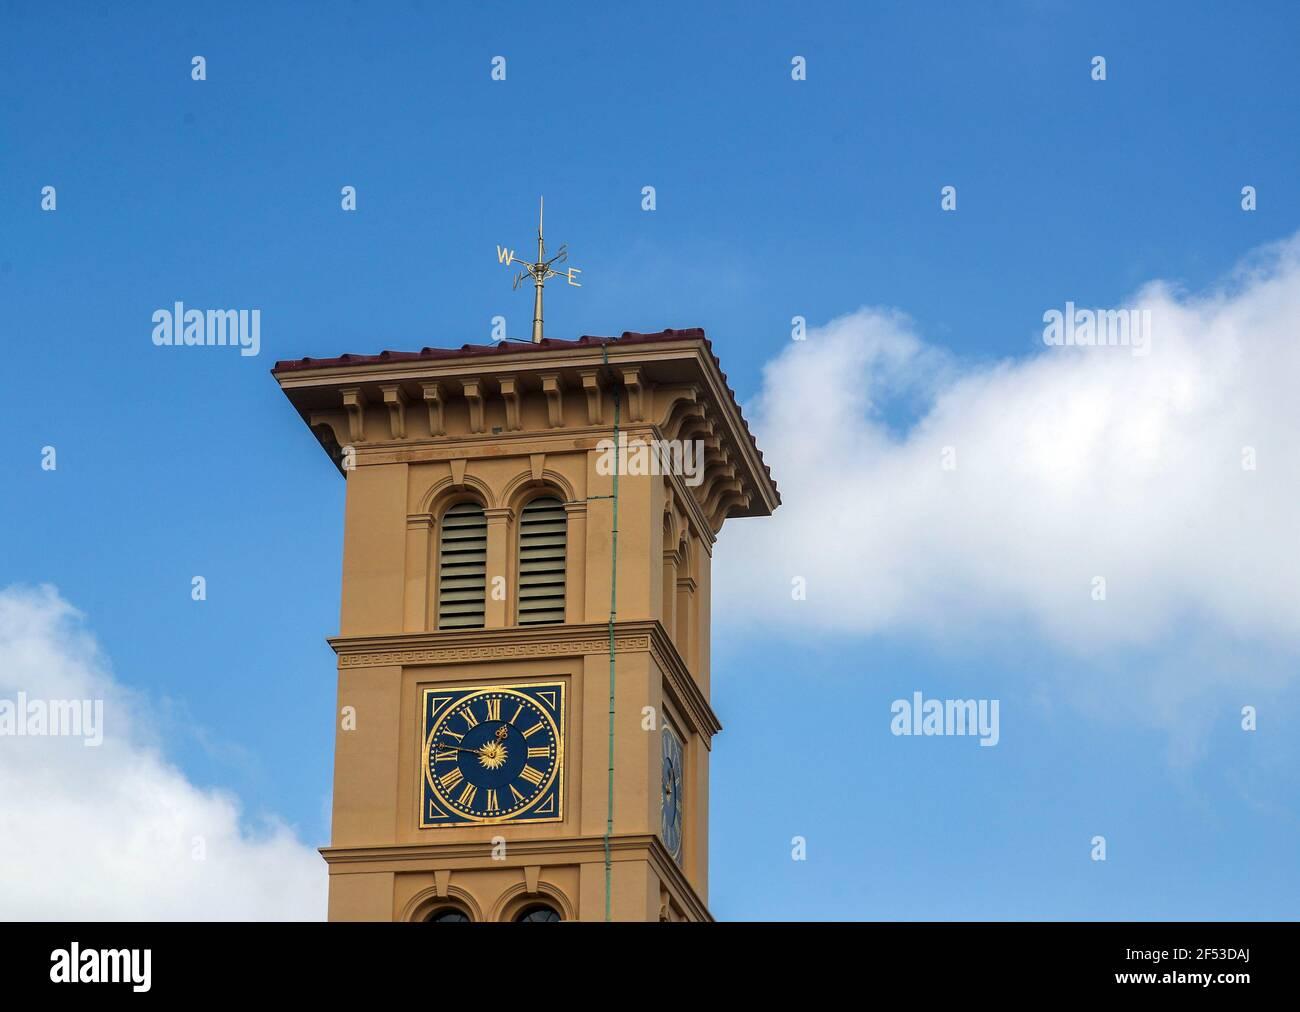 El recién restaurado wethervane victoriano en lo alto de la torre del reloj de 90ft en la Casa Osborne de la Herencia Inglesa en East Cowes, en la Isla de Wight, después de dos años de restauración de la veleta después de que fue dañada durante una tormenta. Foto fecha: Miércoles 24 de marzo de 2021. Foto de stock